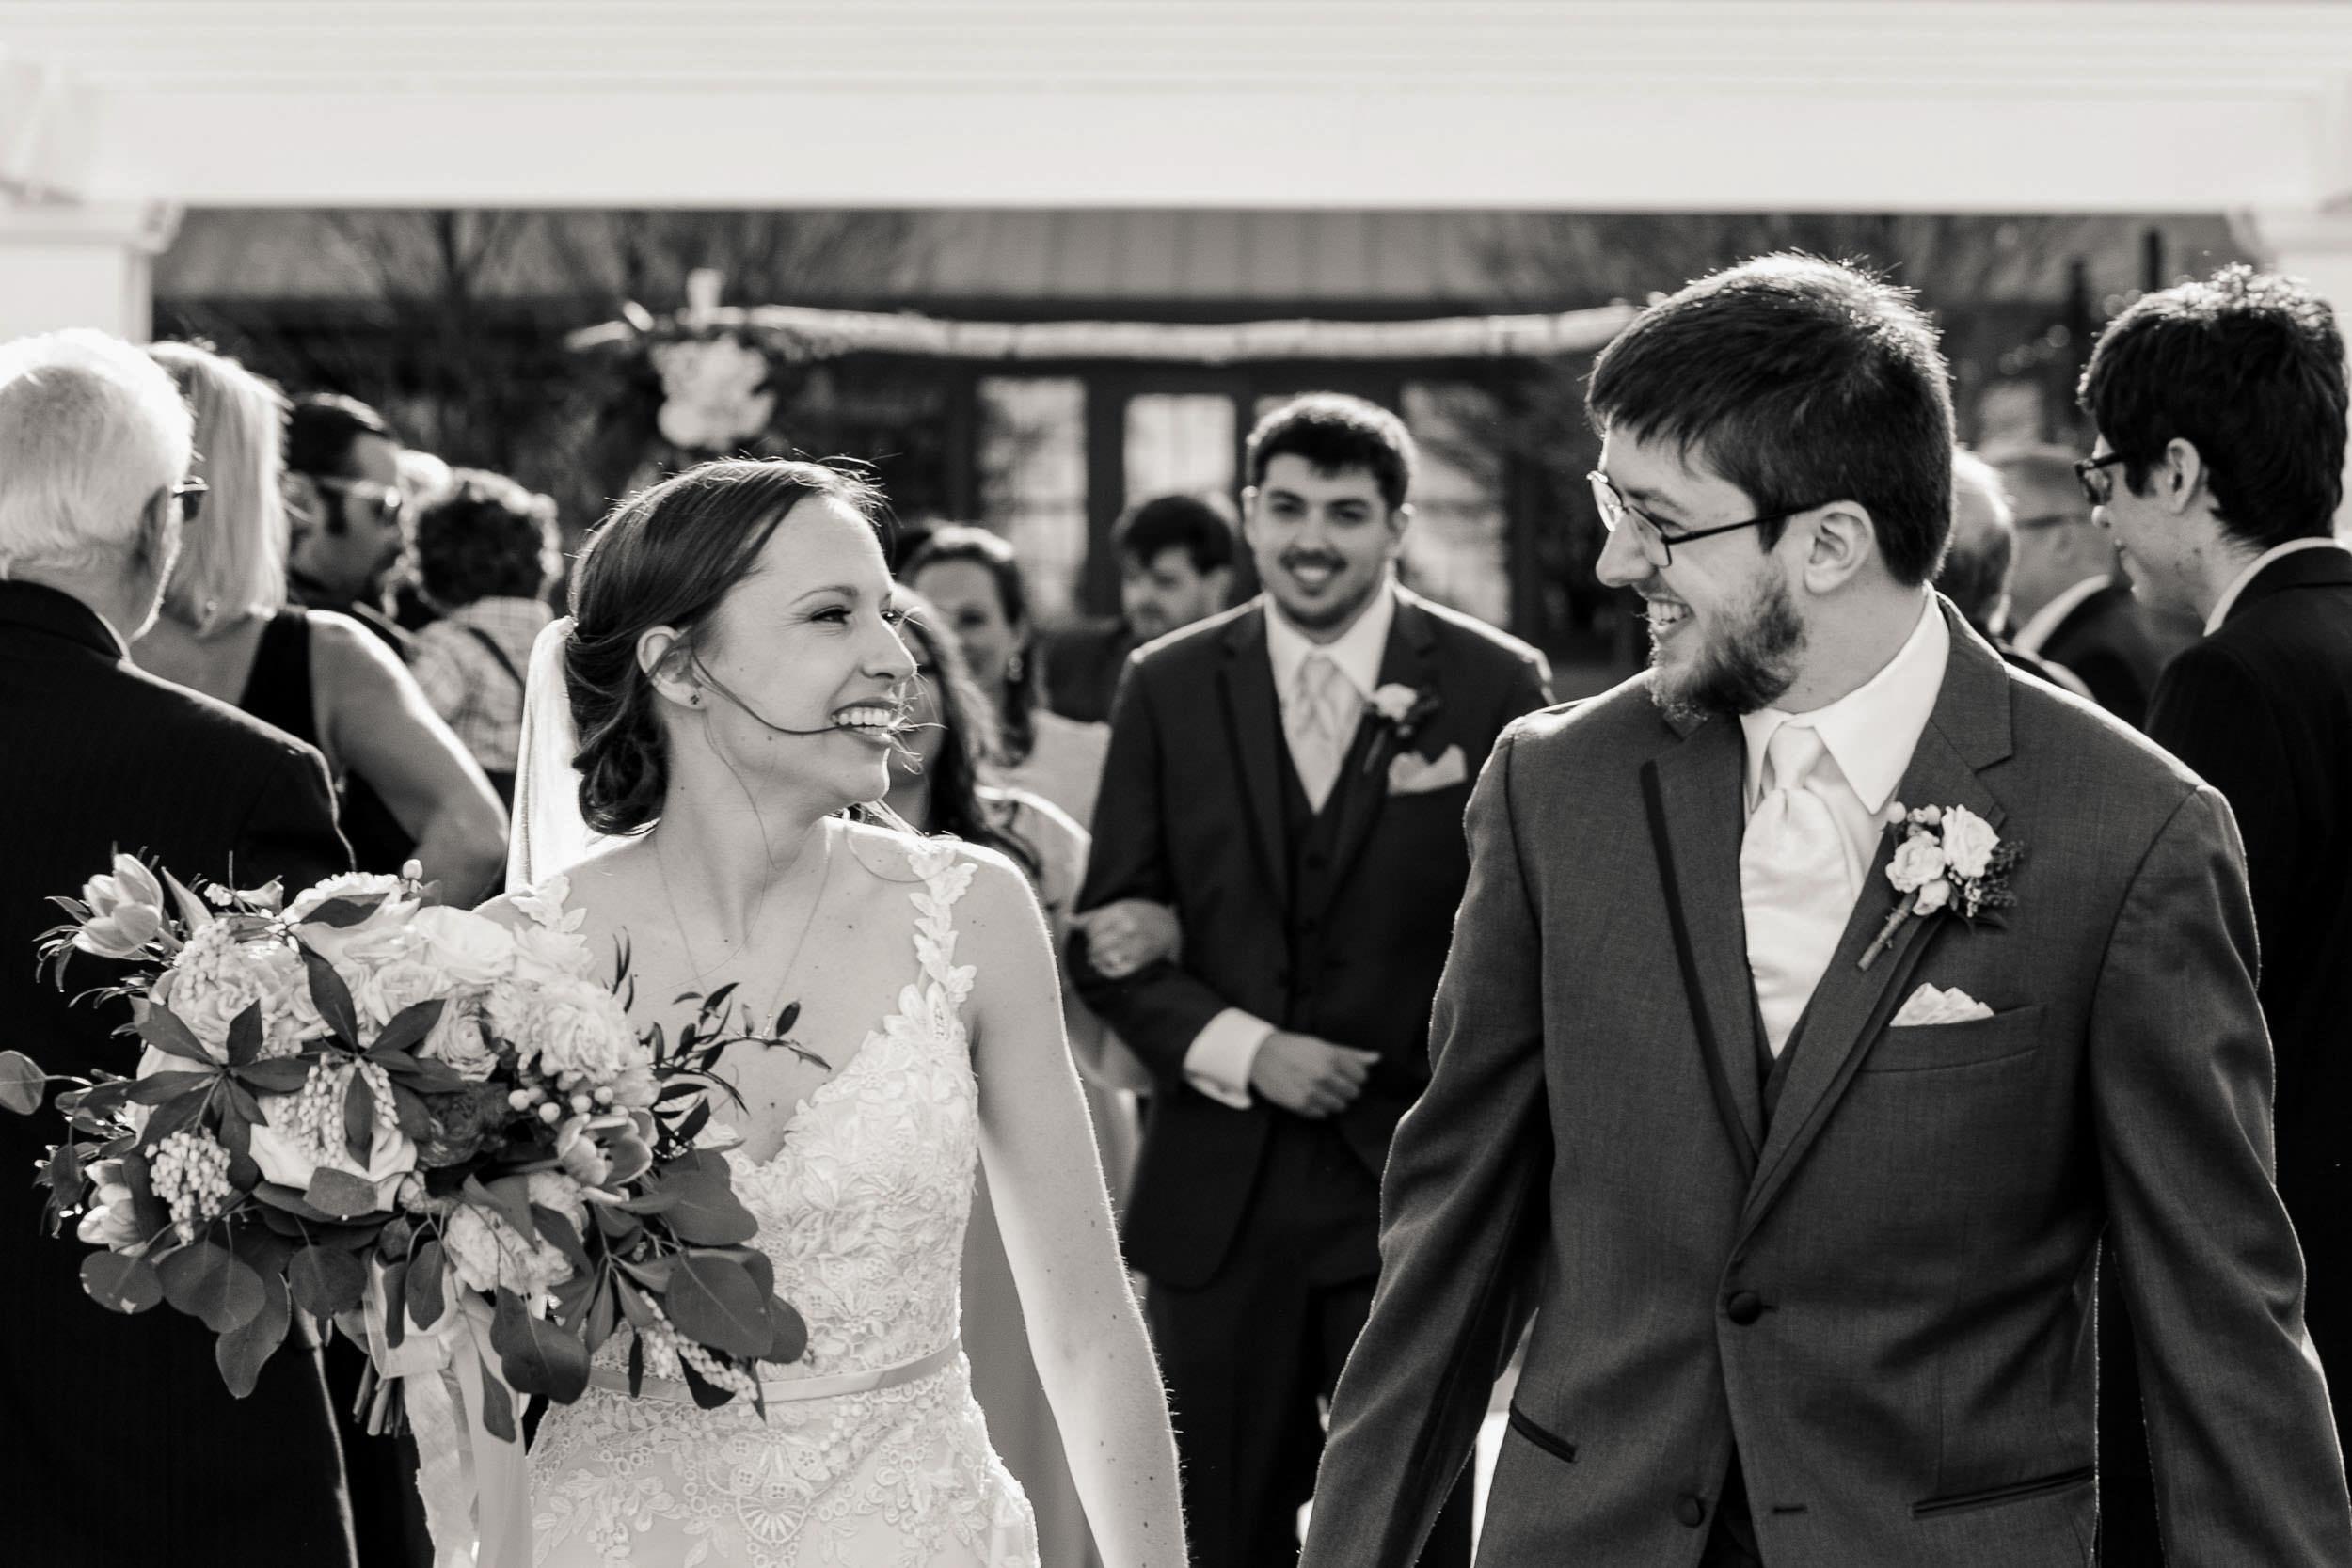 bride-groom-after-married.jpg